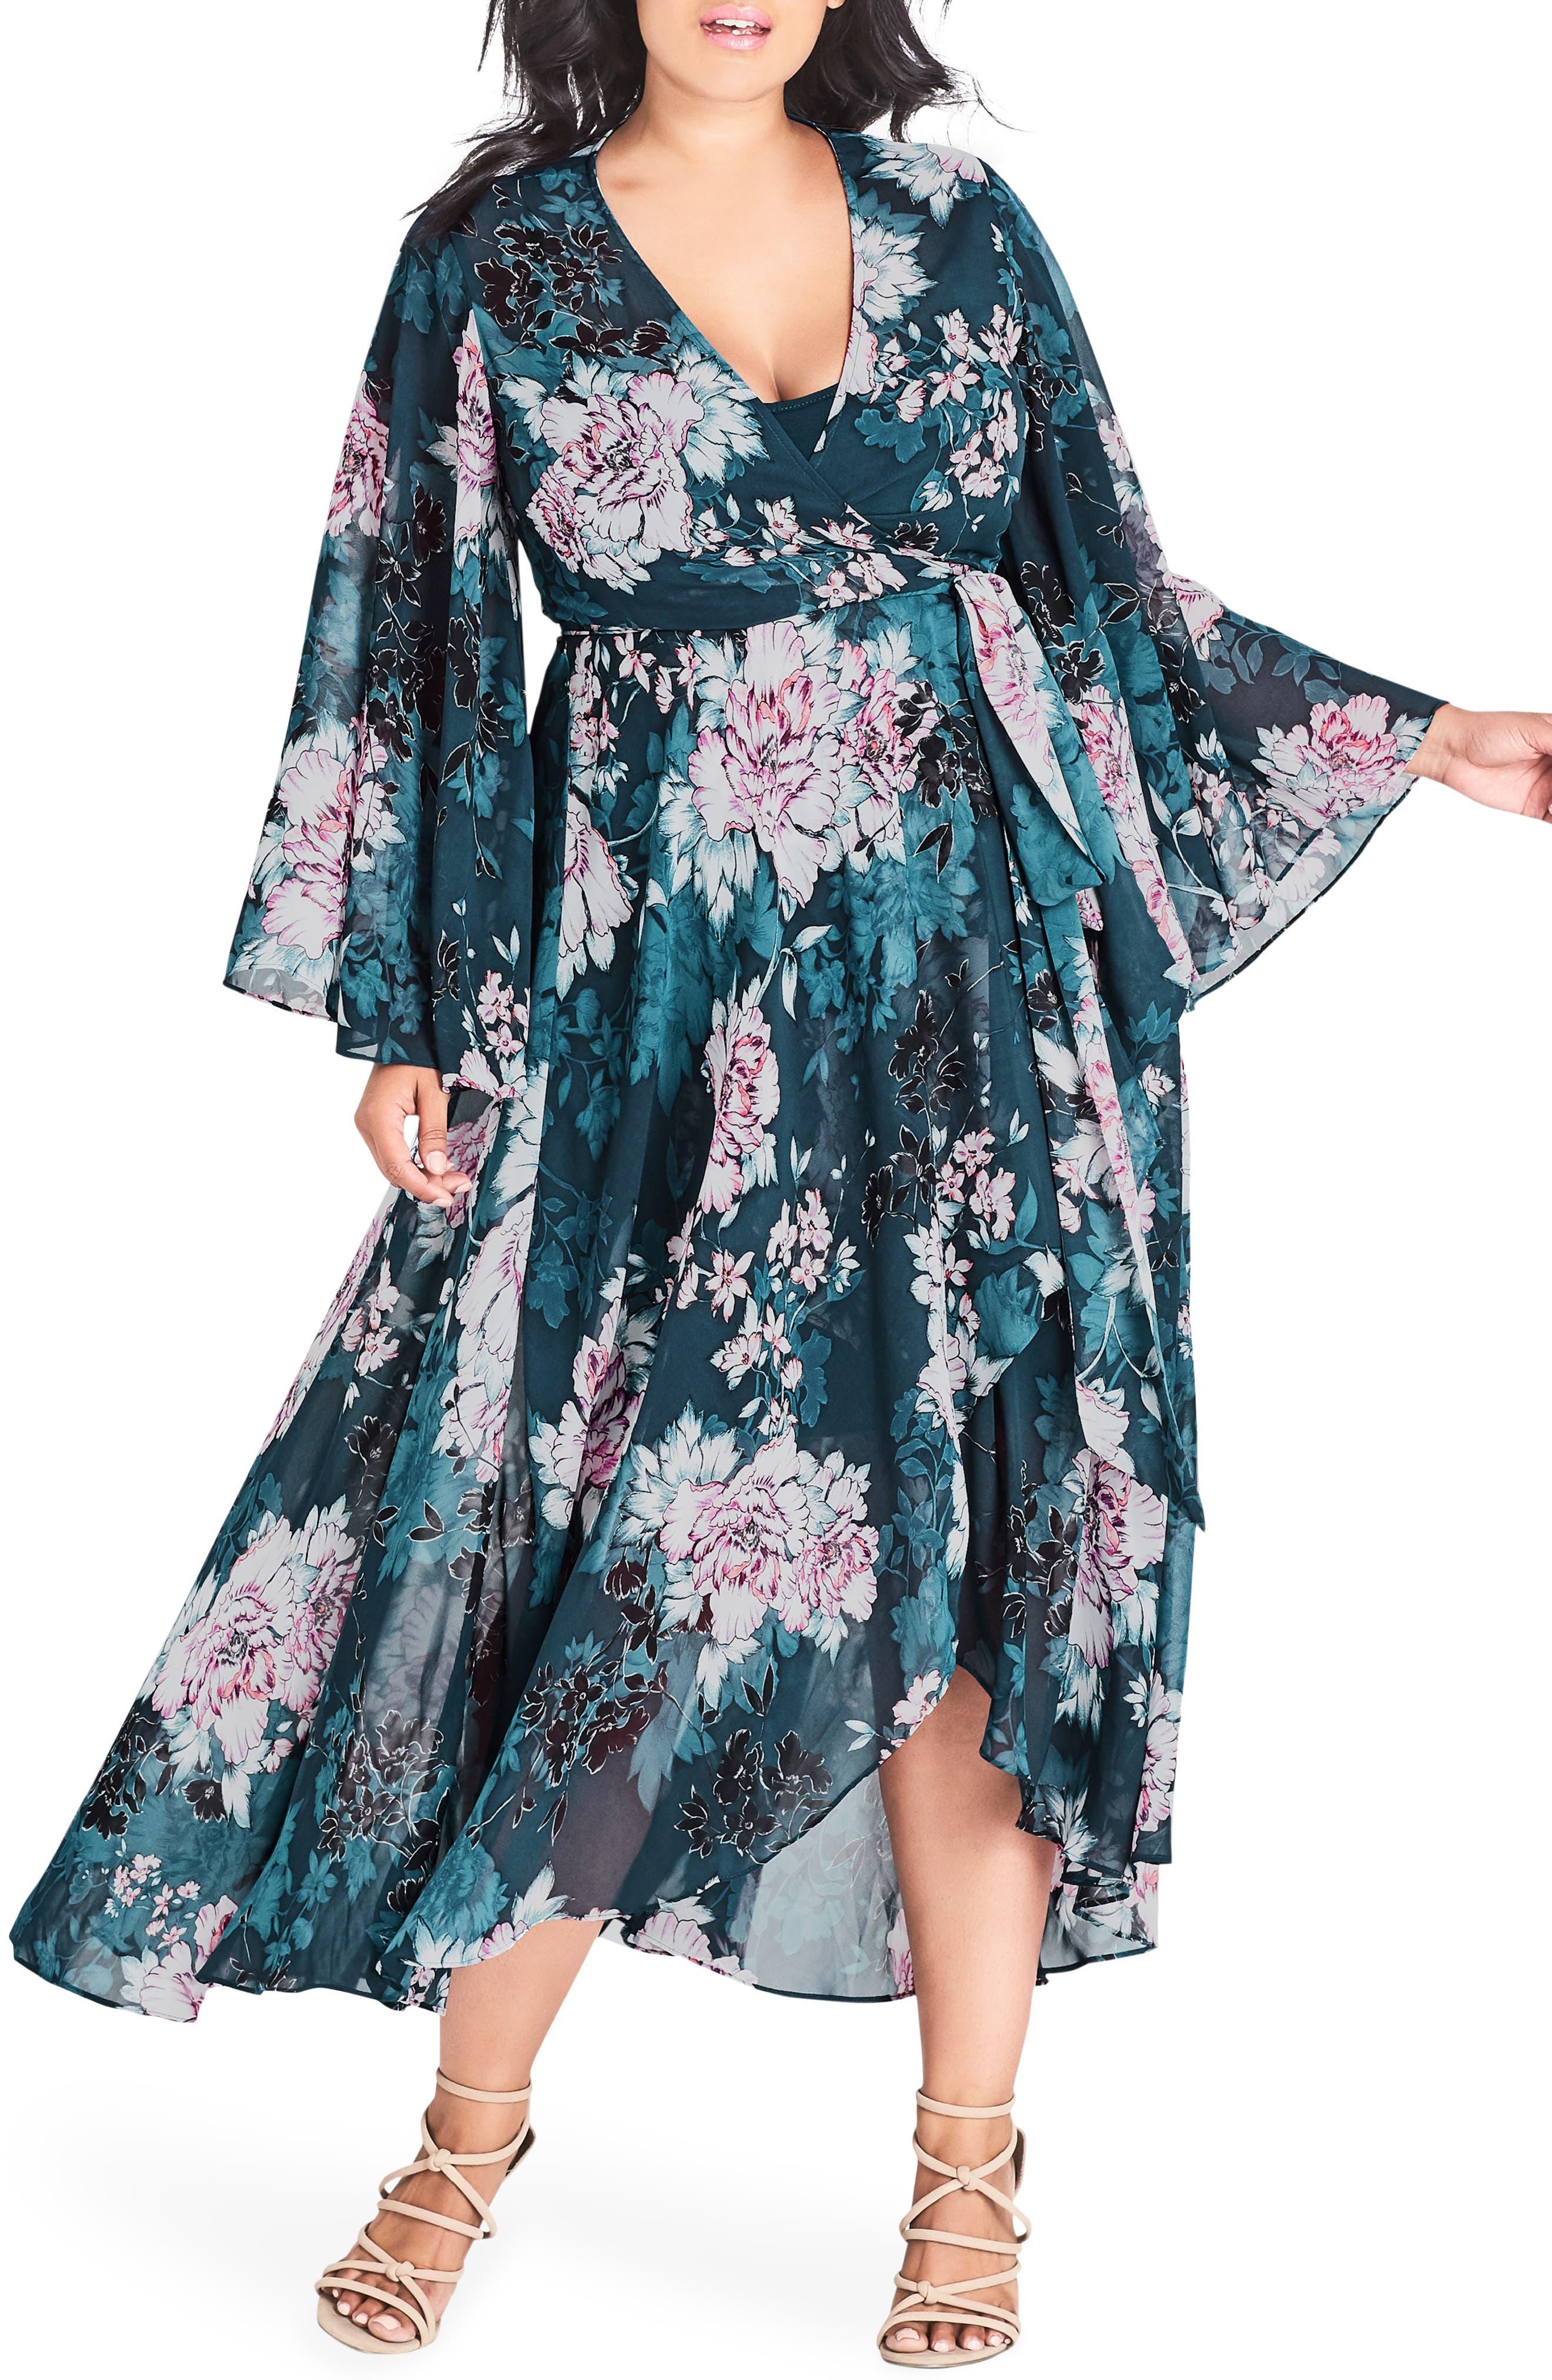 CITY CHIC Jade Blossom Wrap Maxi Dress, Main, color, JADE BLOSSOM